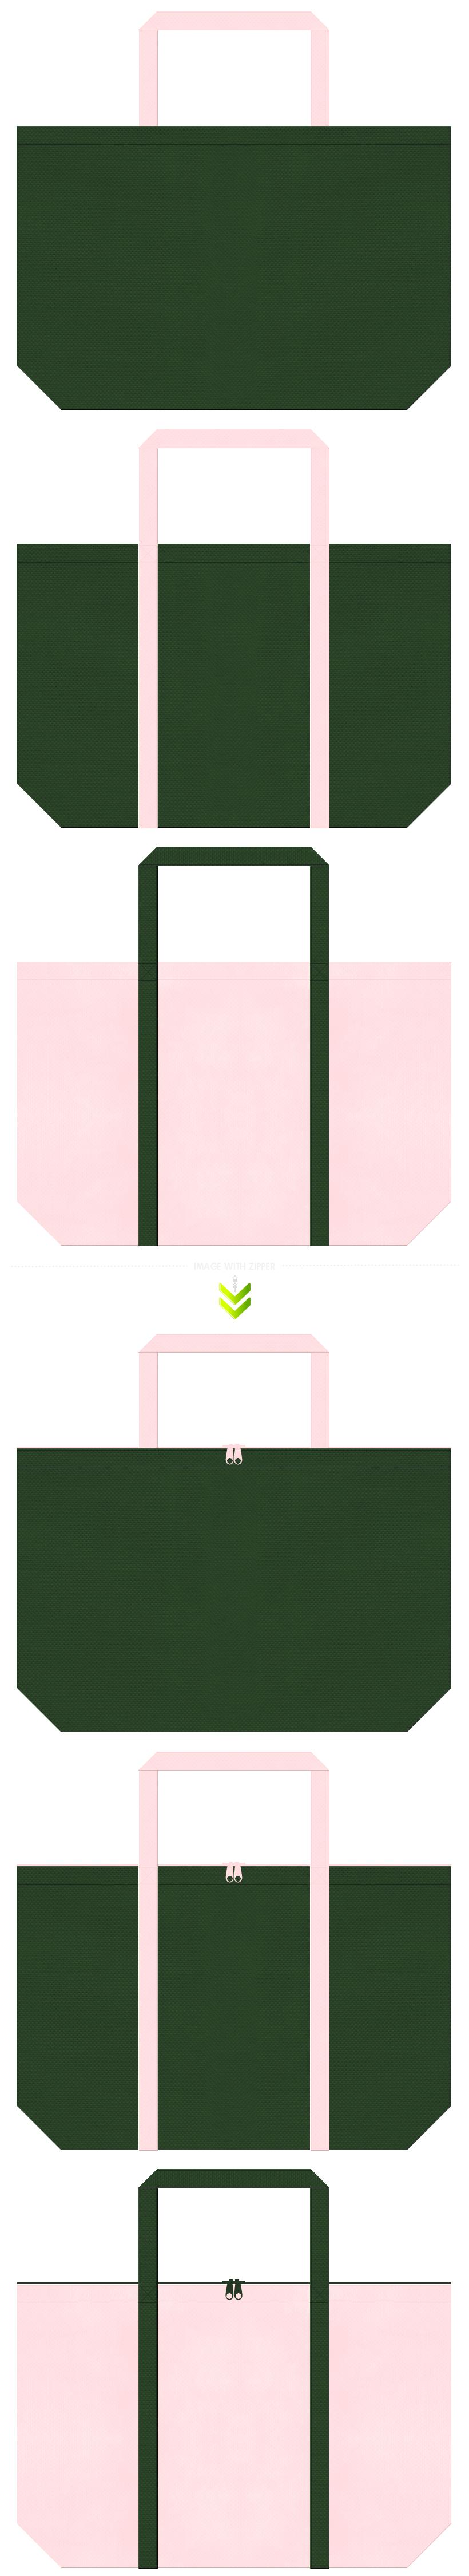 濃緑色と桜色の不織布エコバッグのデザイン。